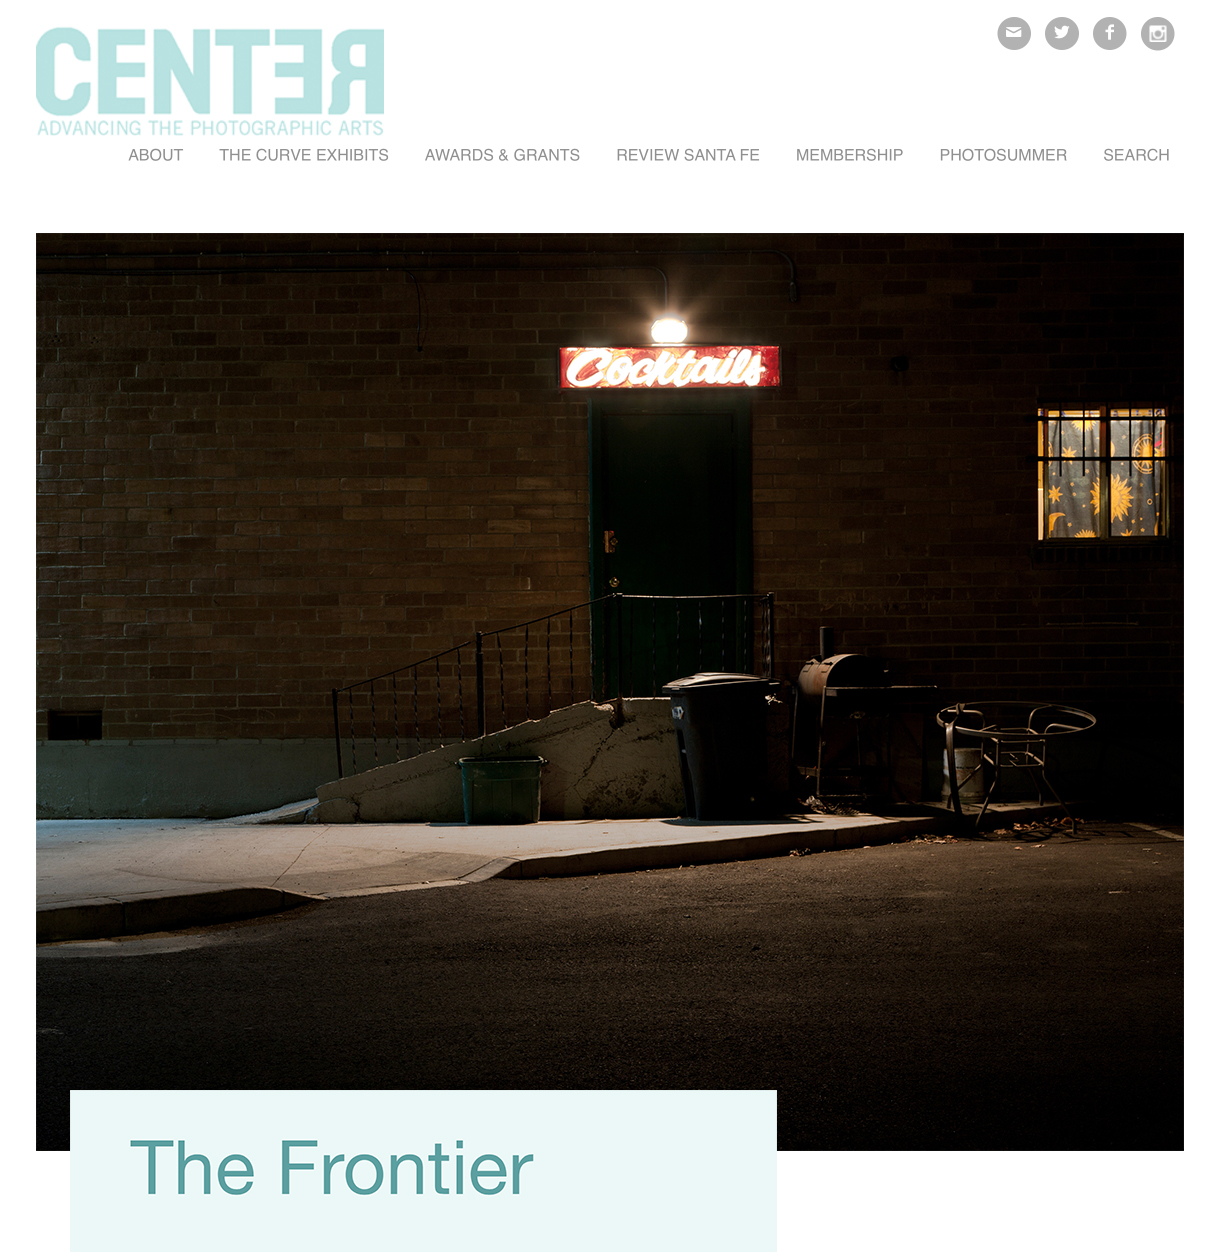 the-frontier_001.jpg